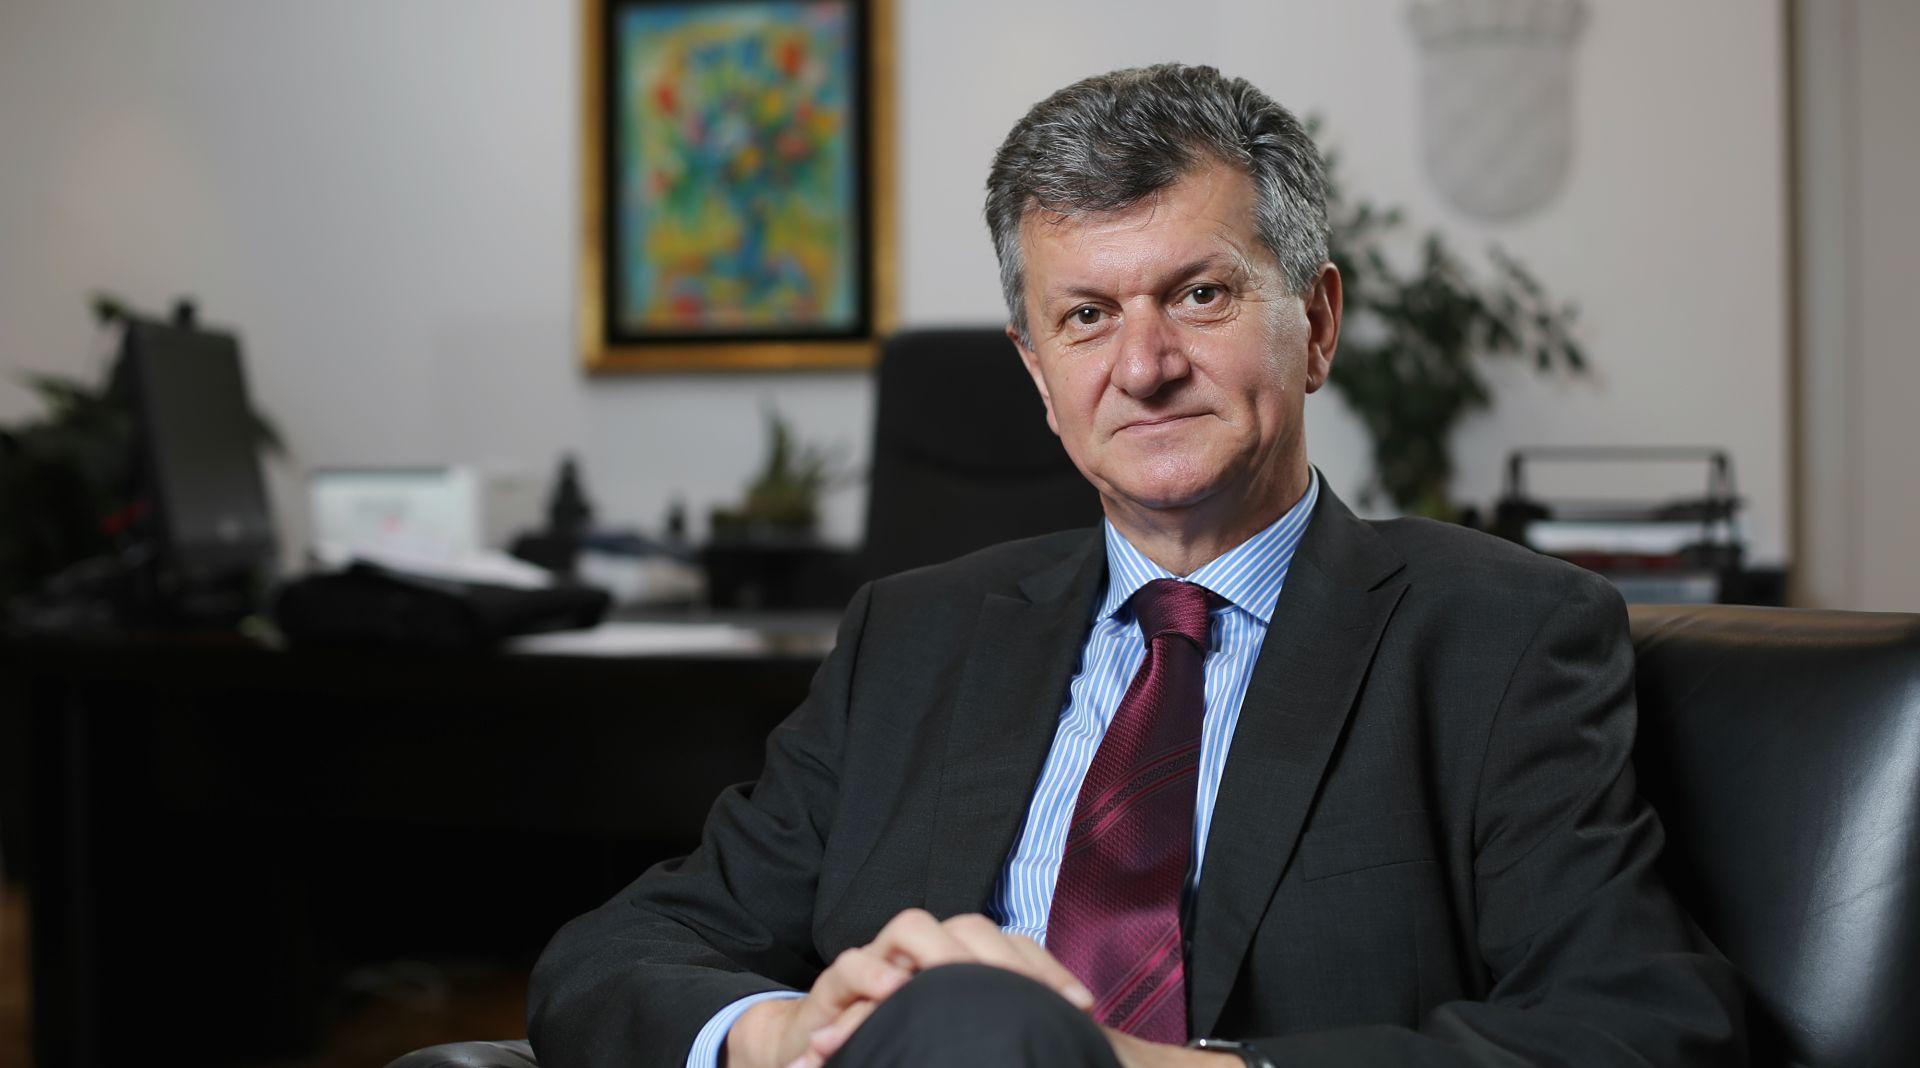 Poslana inspekcija u KBC Zagreb zbog ovrhe za 25 kuna duga